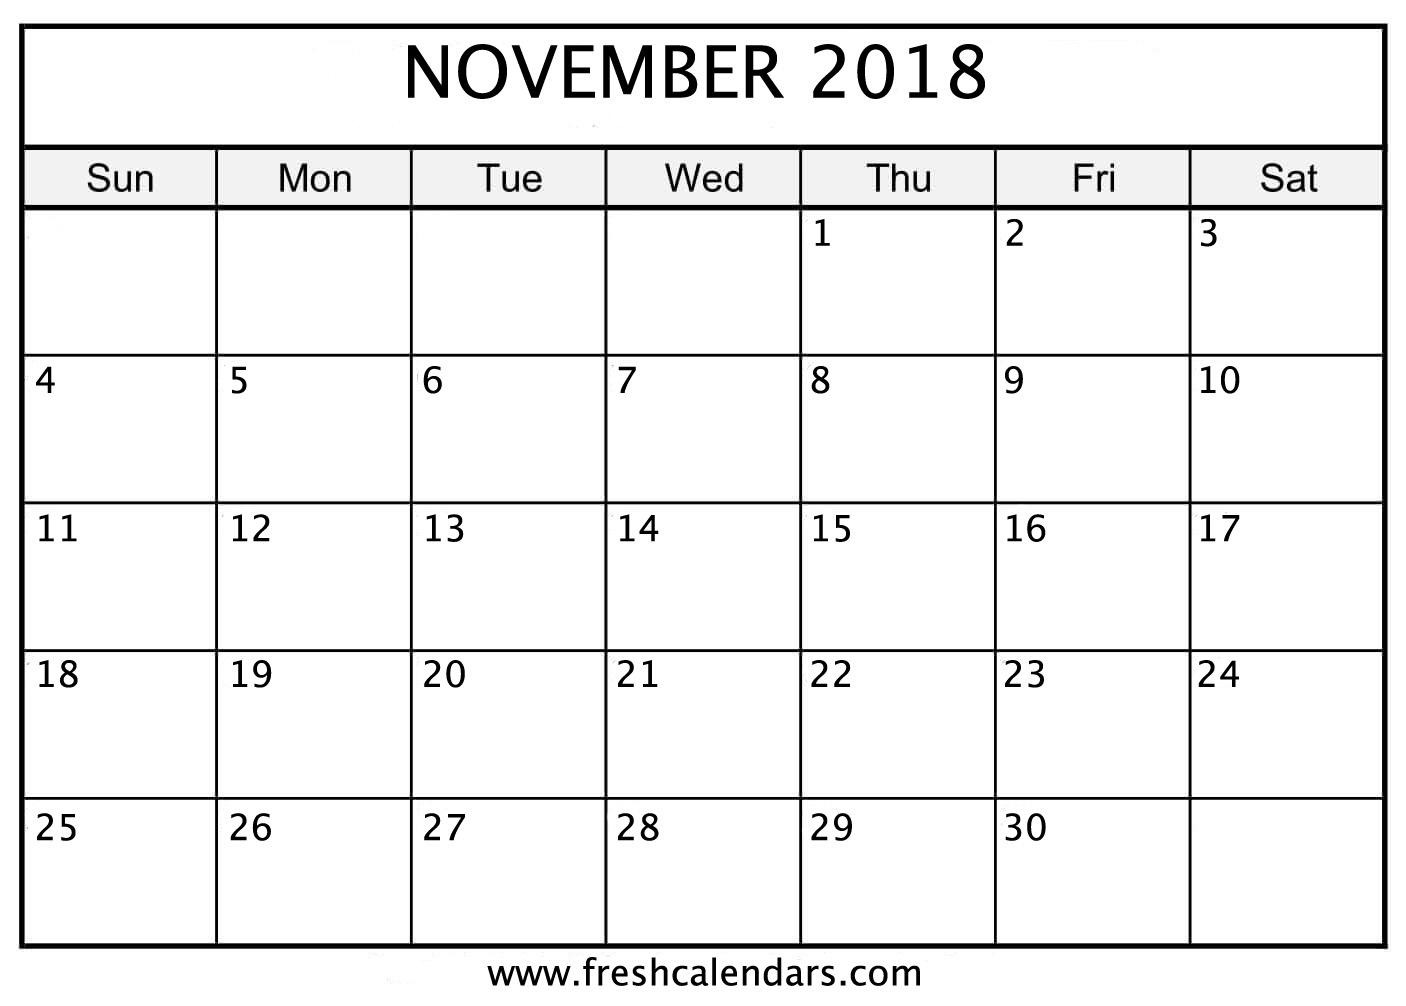 November 2018 Calendar Printable - Fresh Calendars intended for Blank Calendar For November And December